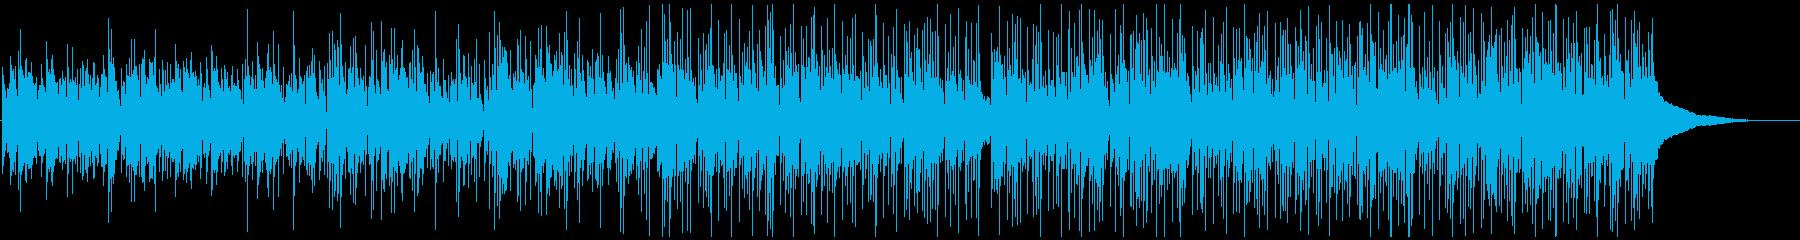 穏やか アコギ カントリー リラックスの再生済みの波形